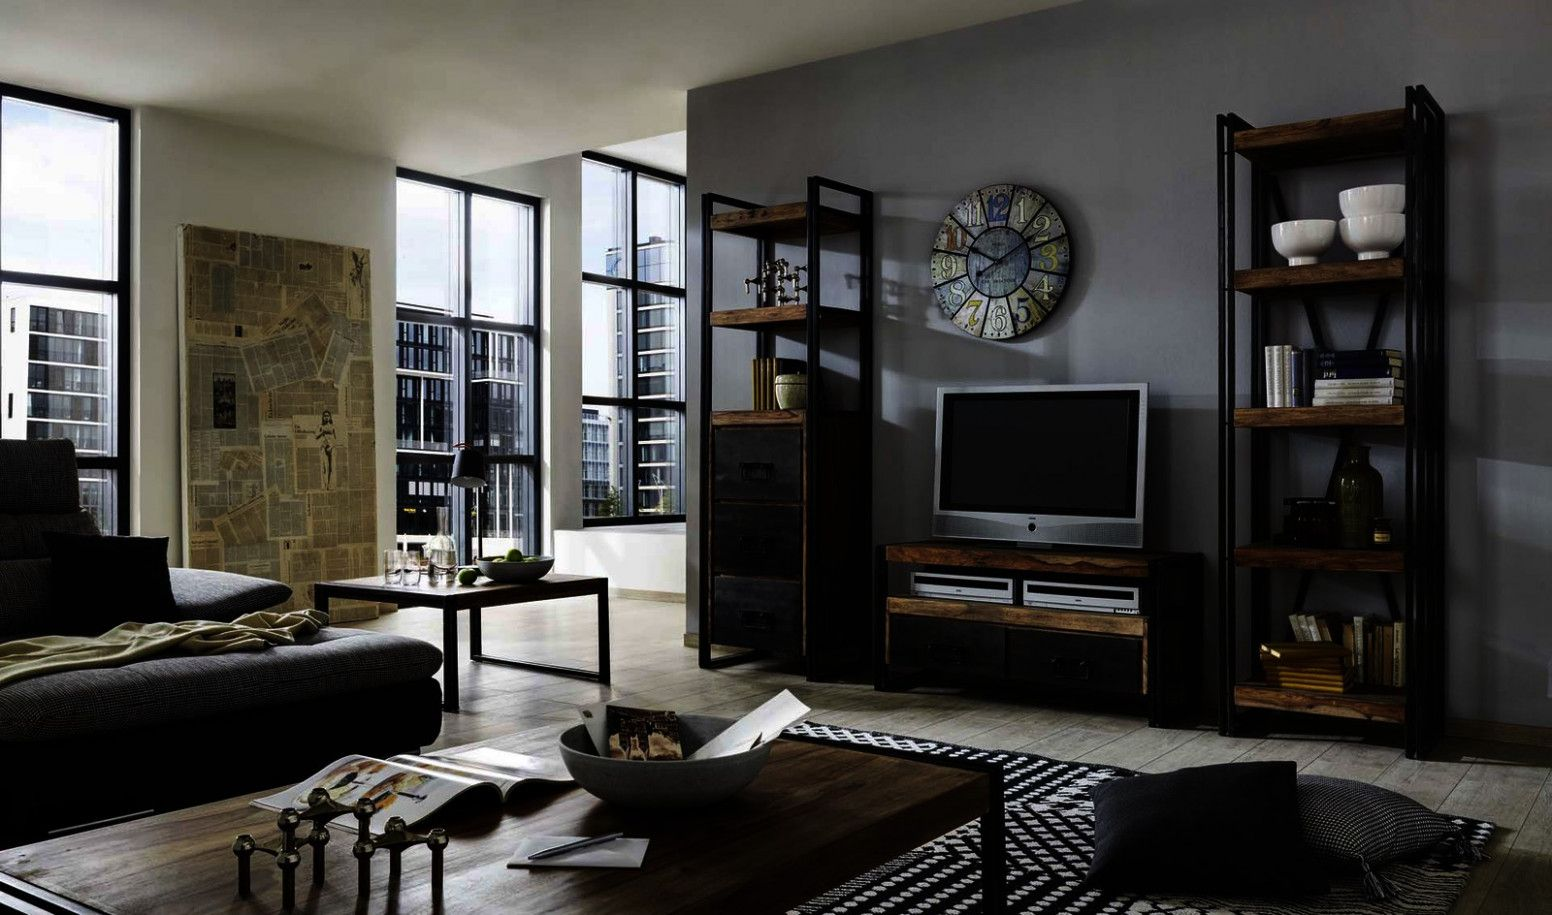 10 Wohnzimmer Möbel Exklusiv in 10  Wohnzimmer, Haus deko